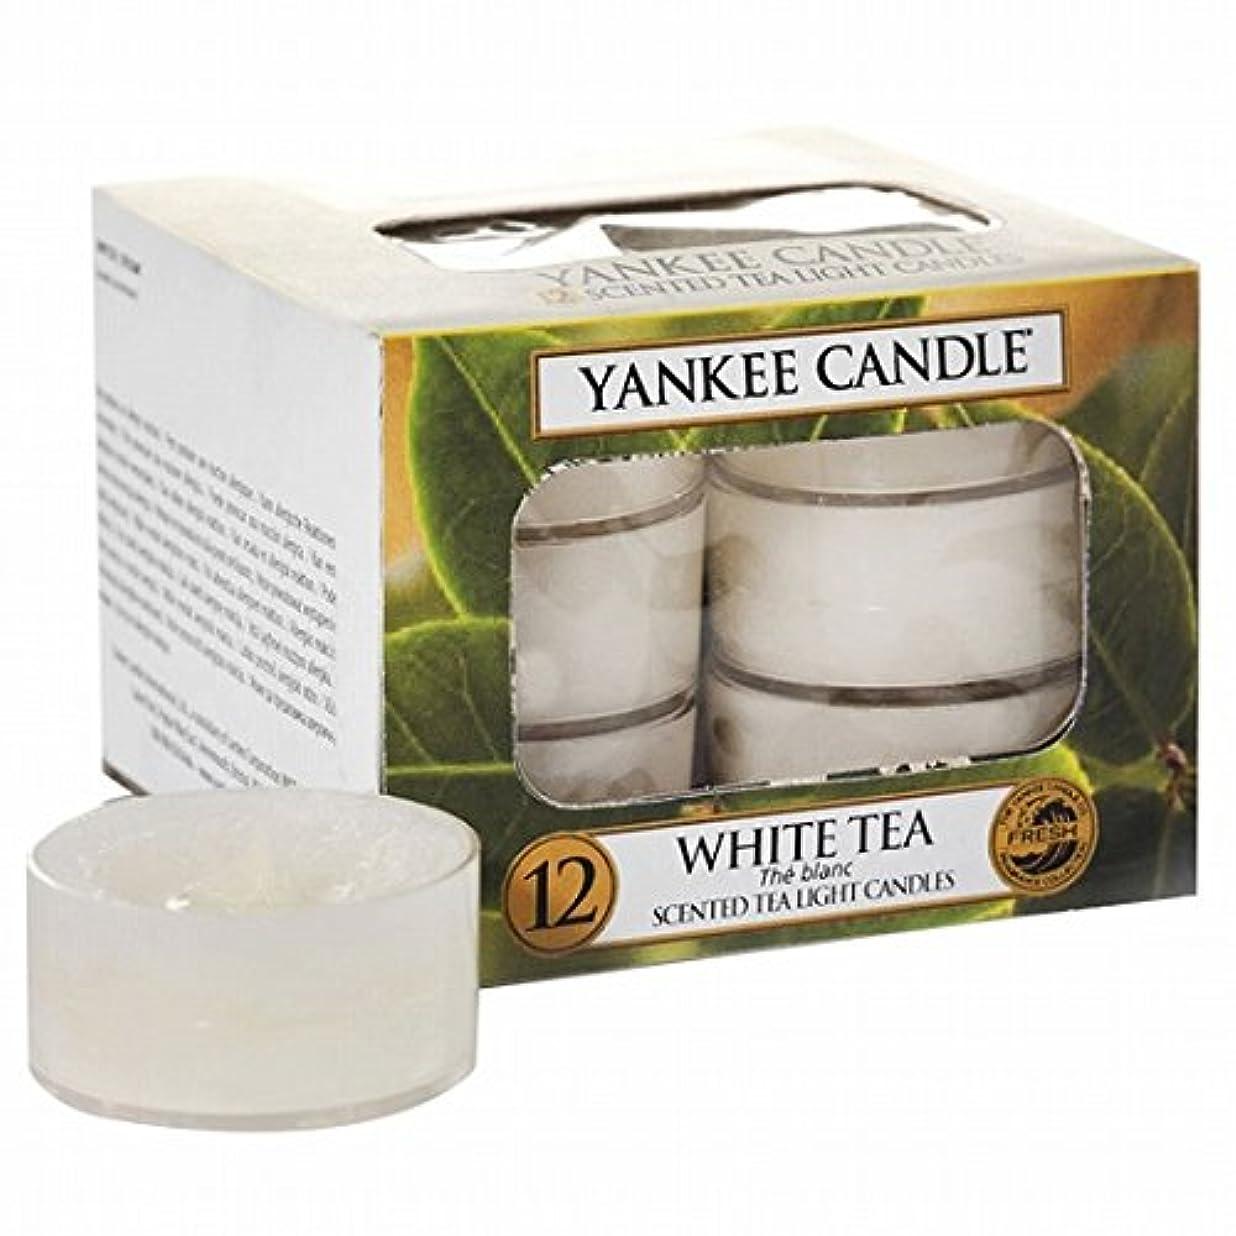 引き金証明書ゴールドヤンキーキャンドル(YANKEE CANDLE) YANKEE CANDLE クリアカップティーライト12個入り 「ホワイトティー」